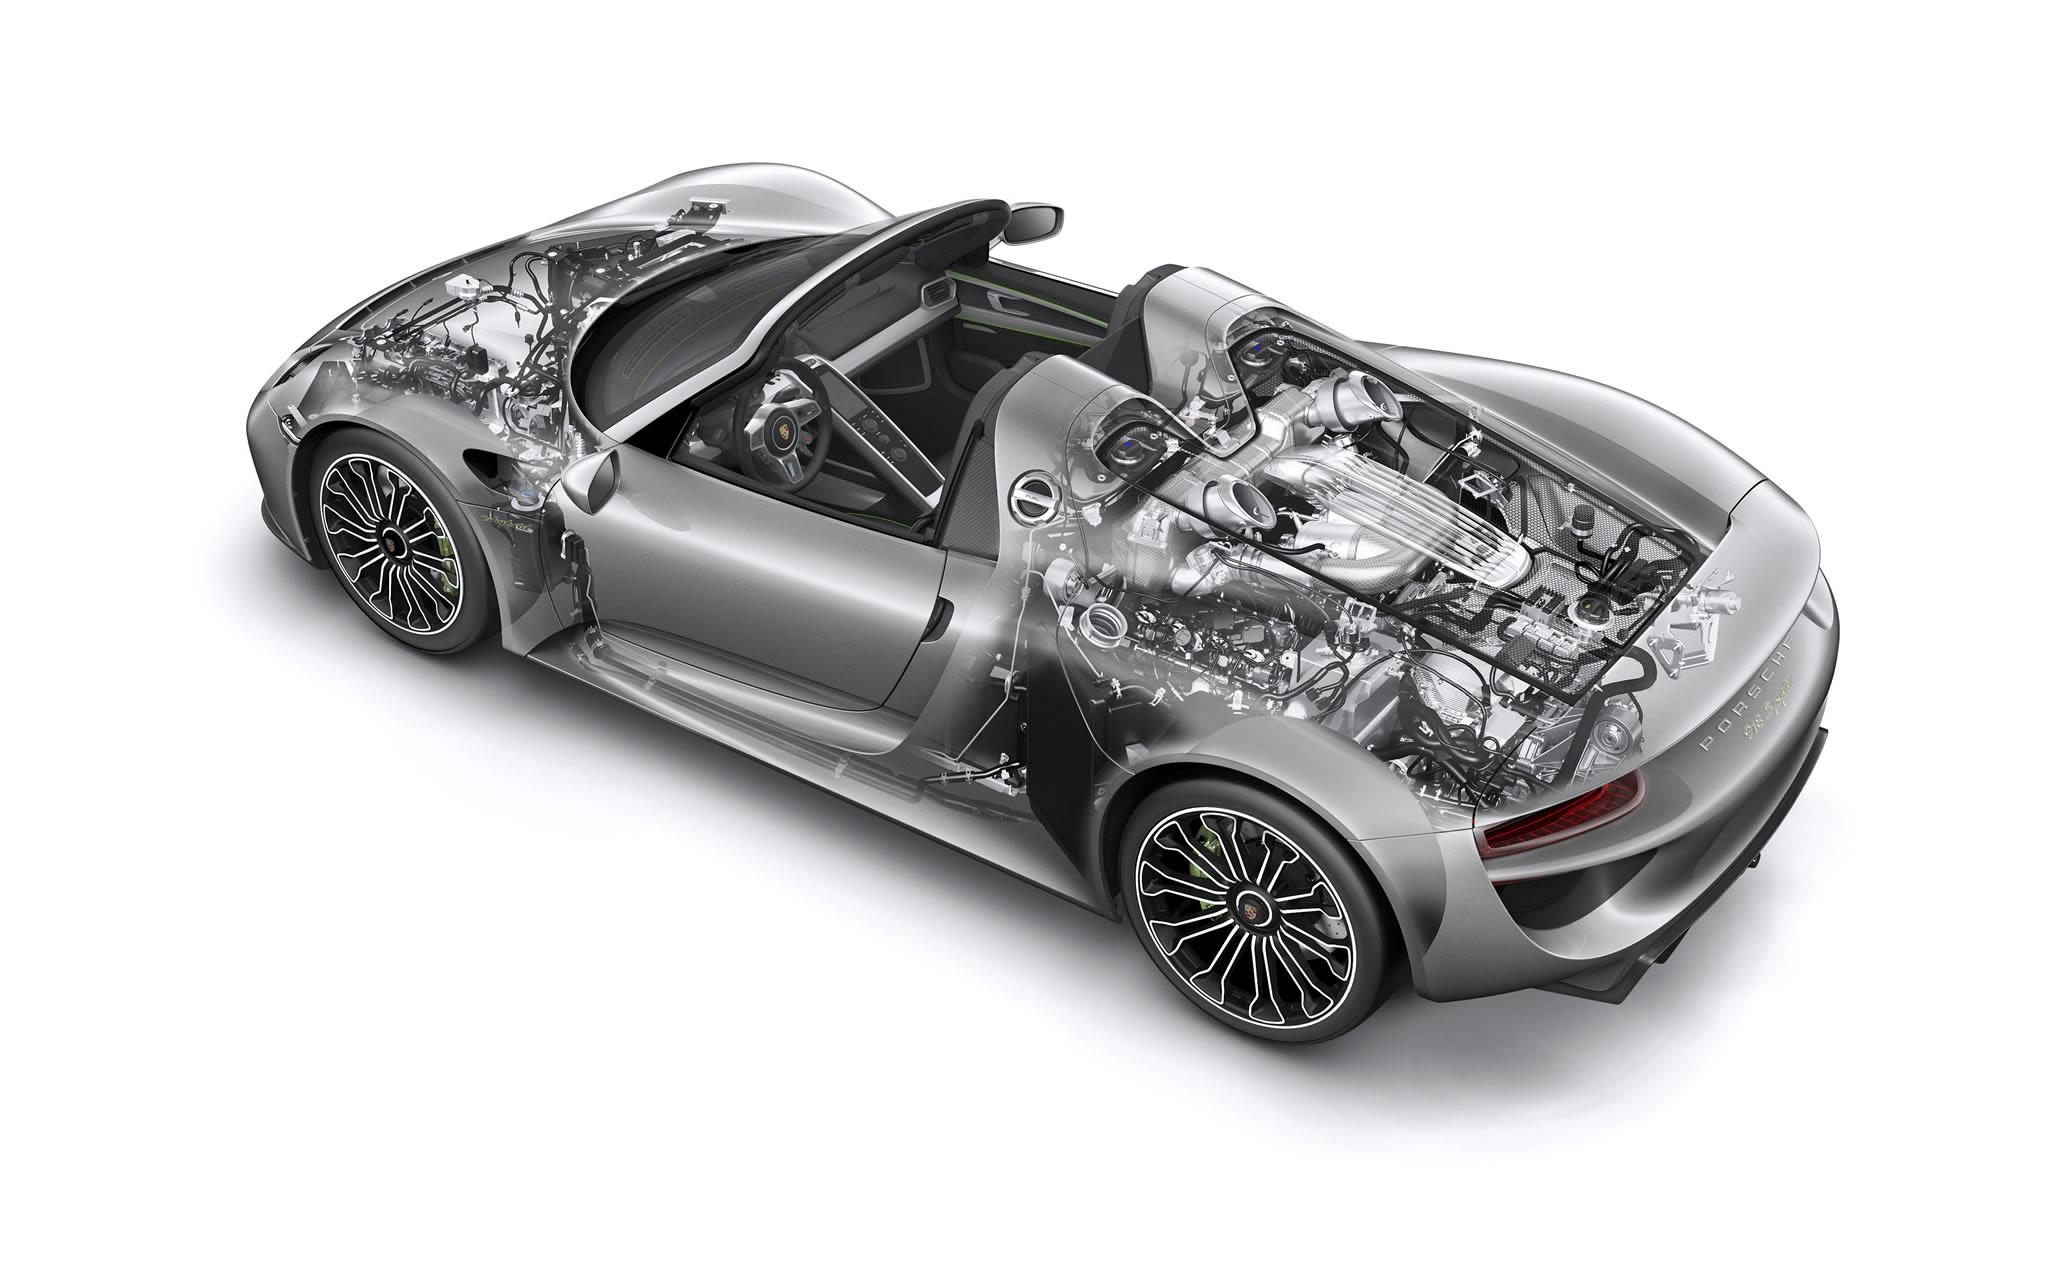 Porsche 918 Spyder cutaway